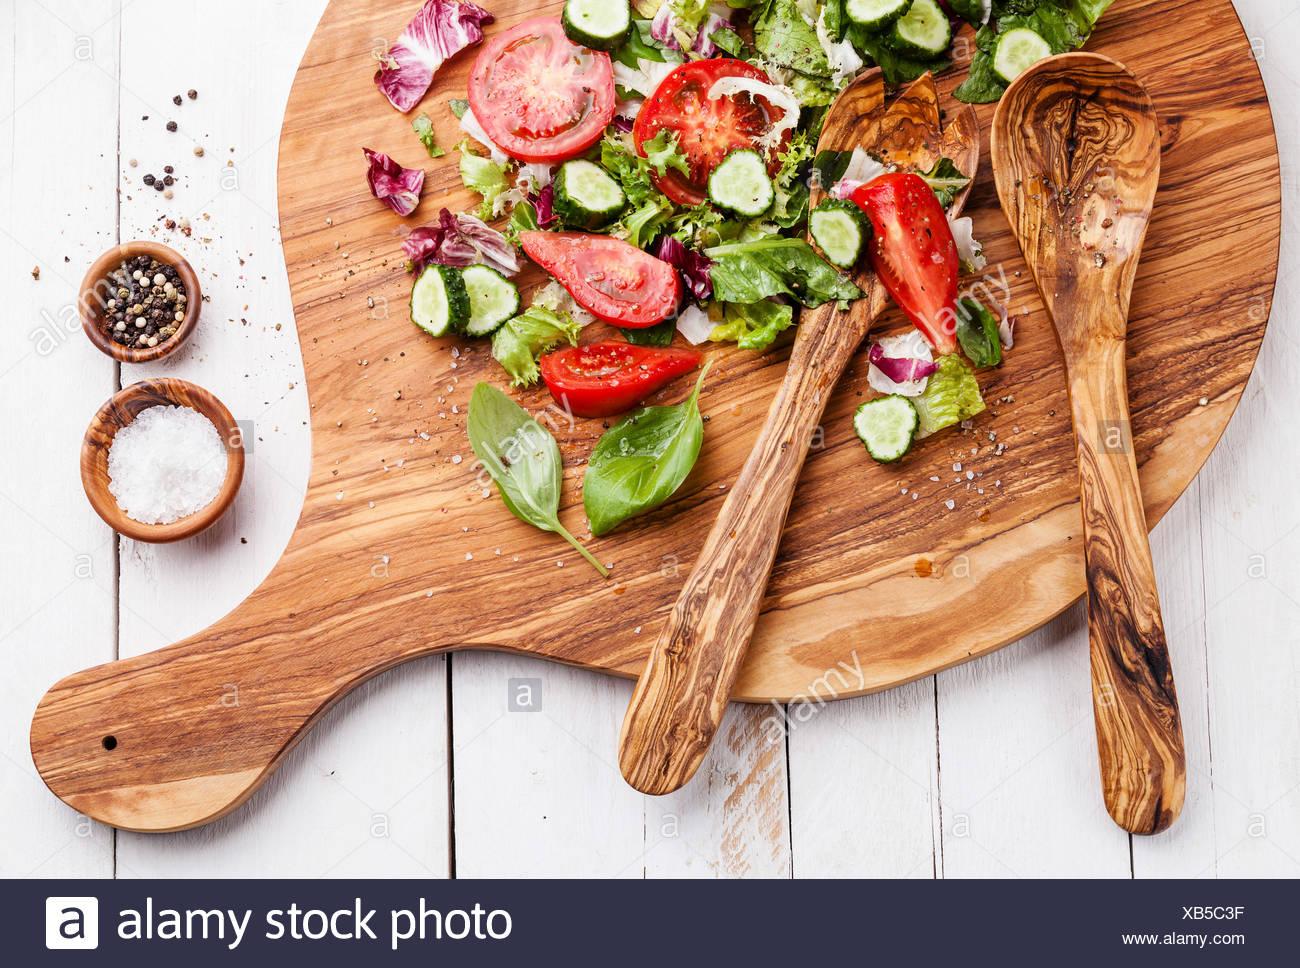 Les ingrédients d'une salade de légumes frais sur la planche à découper en bois d'olivier Banque D'Images